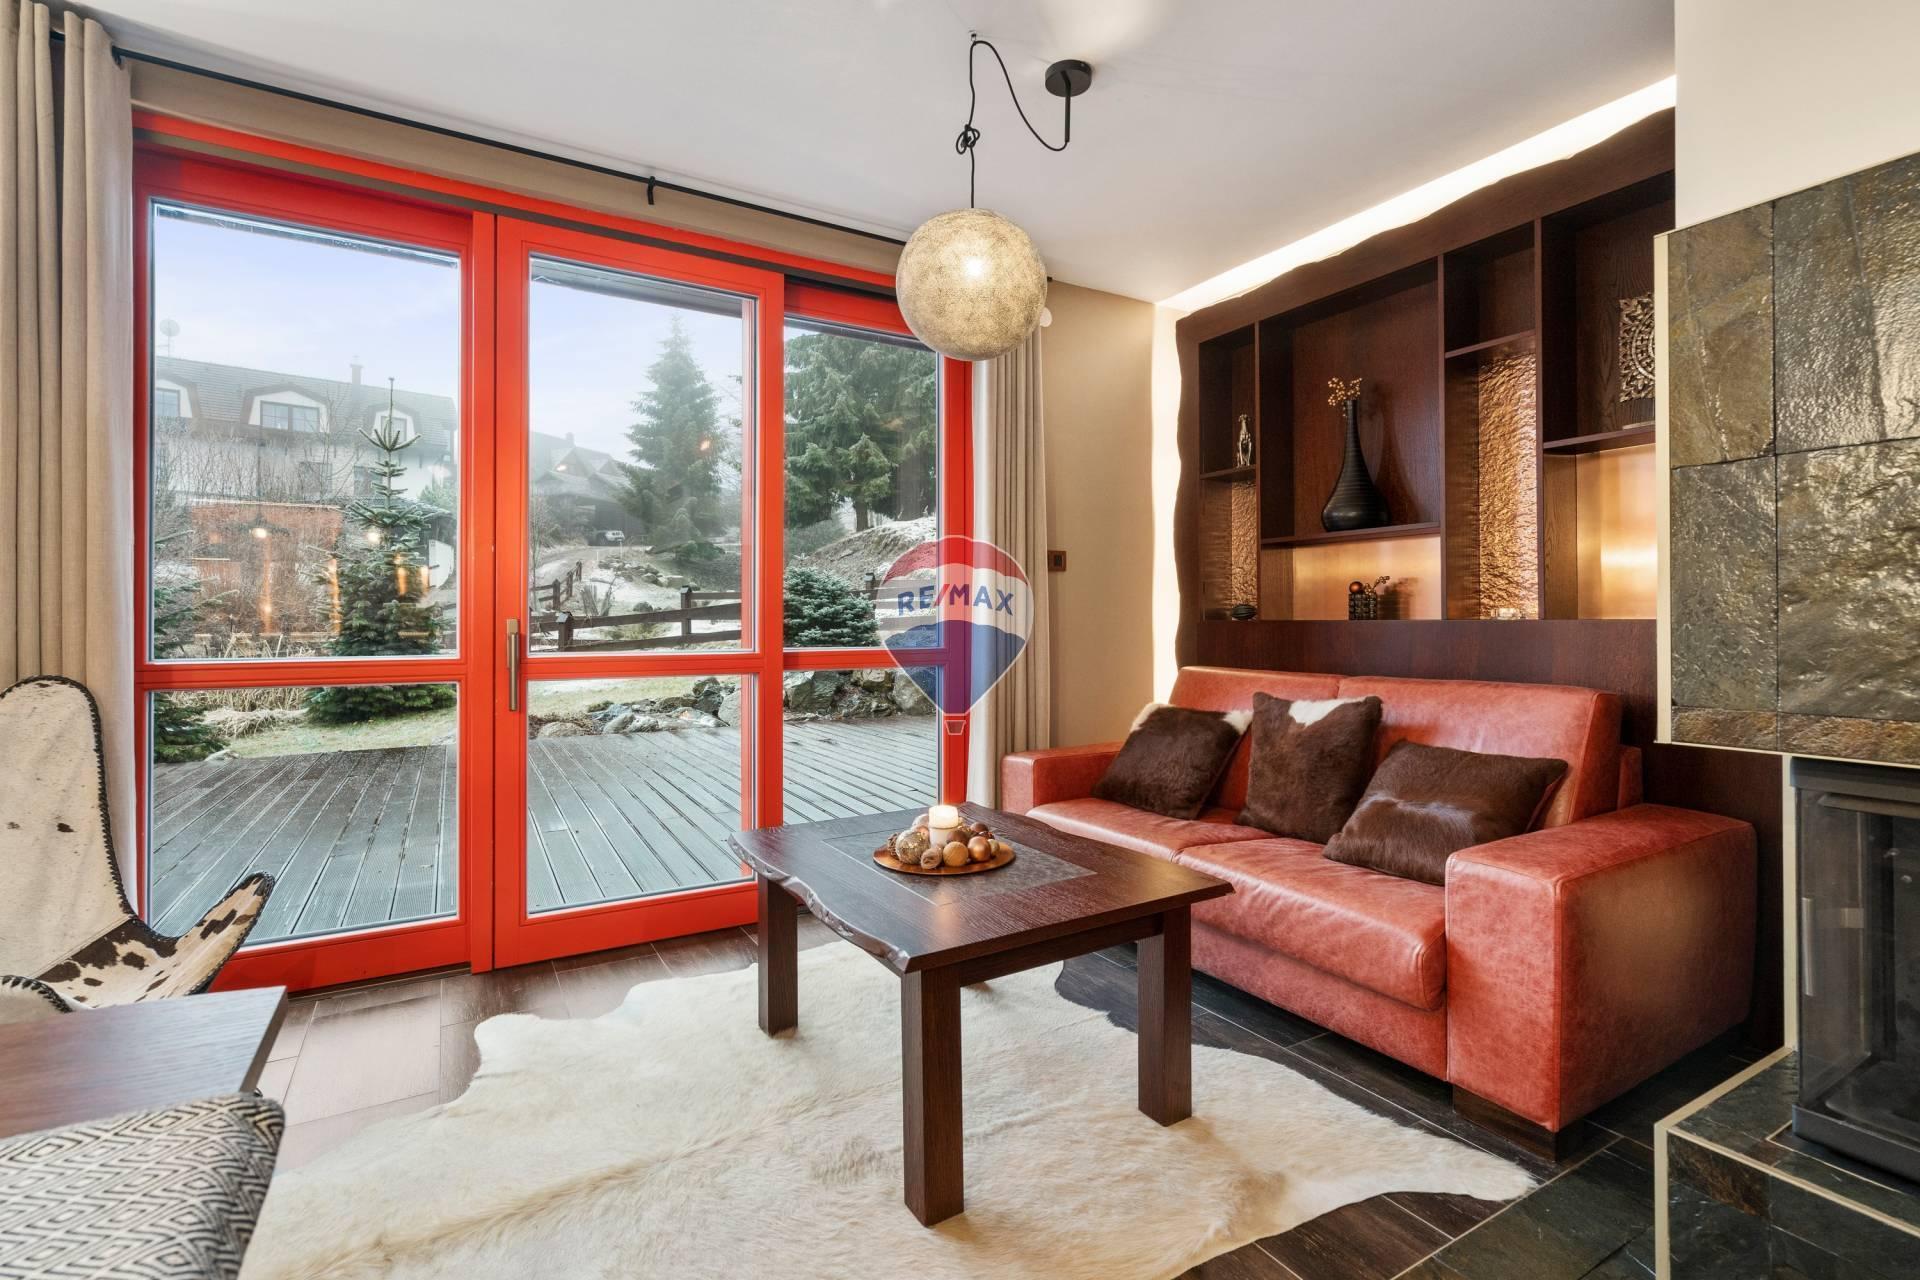 Predaj chaty 85 m2, Králiky - prízemie